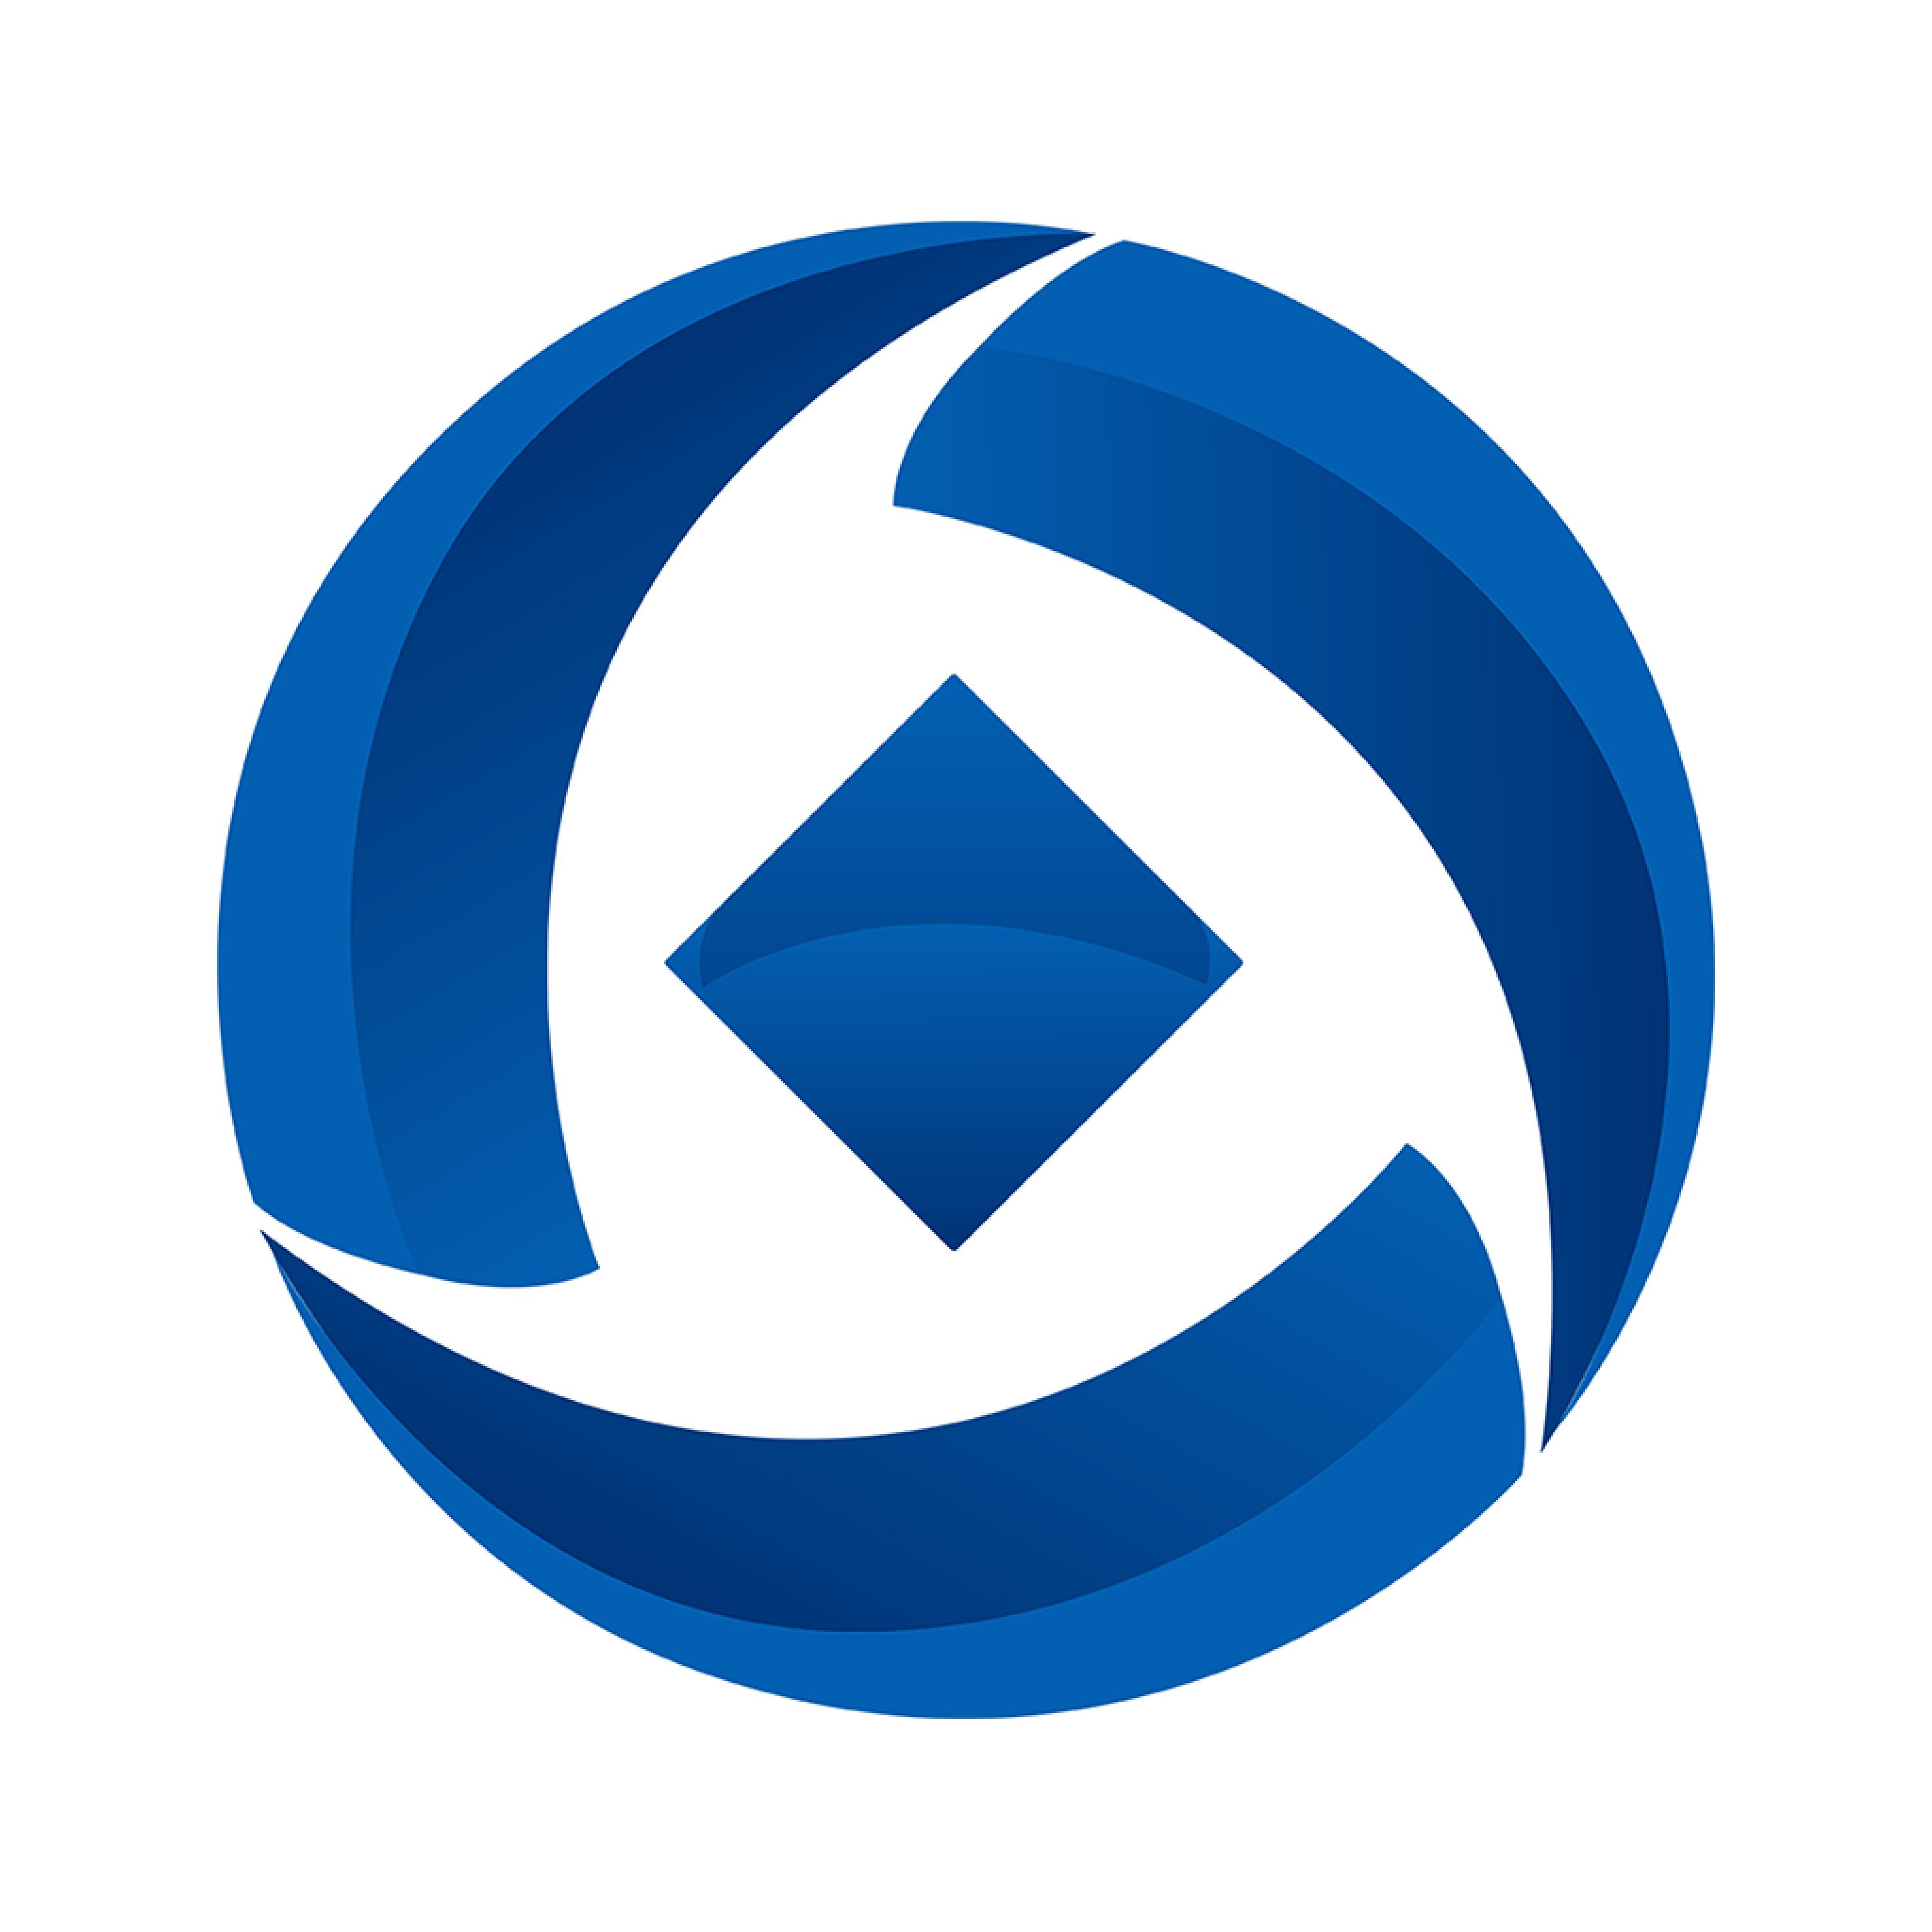 借力(营销获客)v1.0.0 官方版